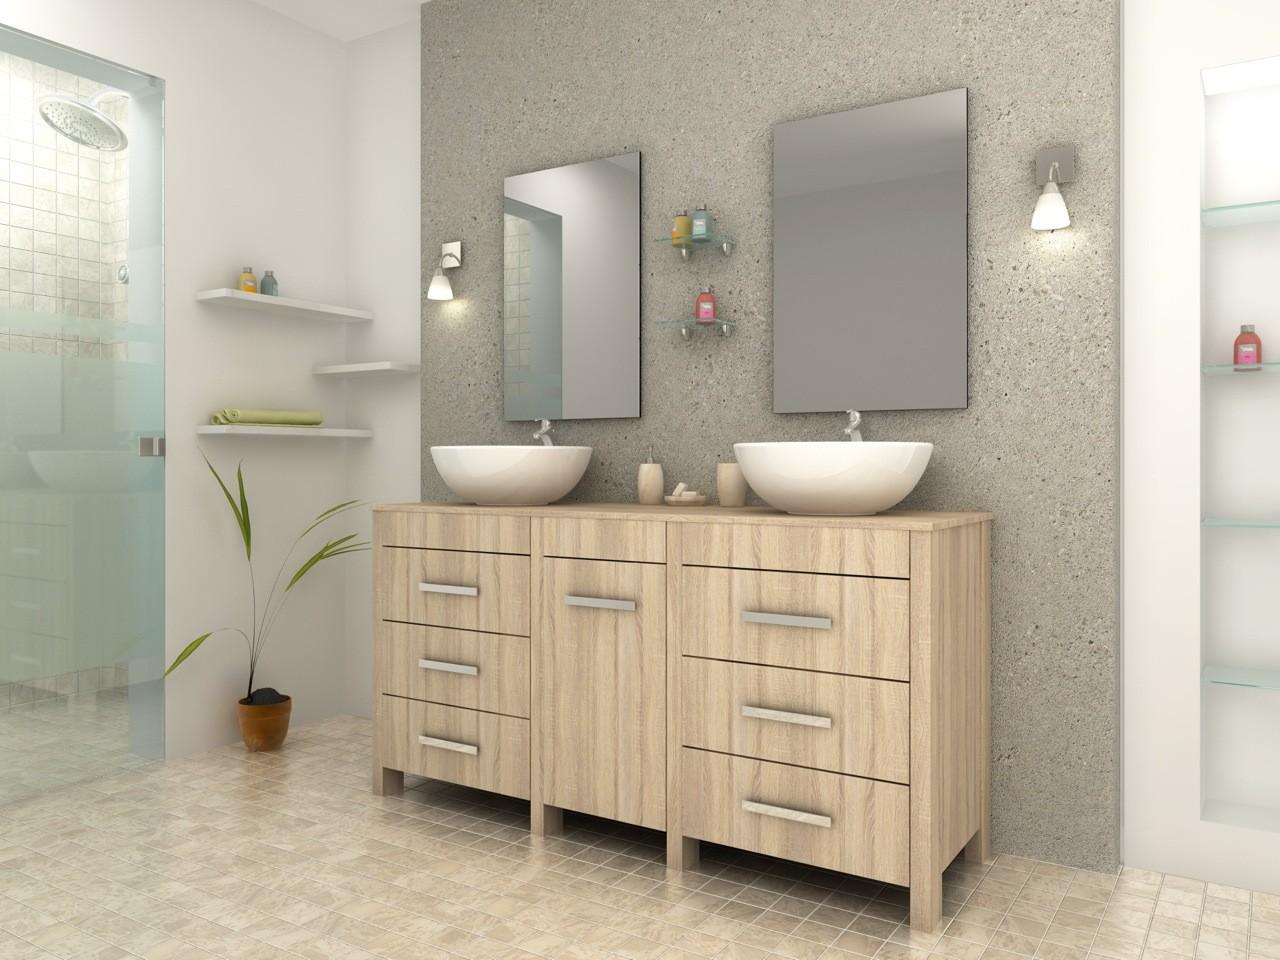 complet meuble salle de bain double vasque ronde ch ne clair. Black Bedroom Furniture Sets. Home Design Ideas